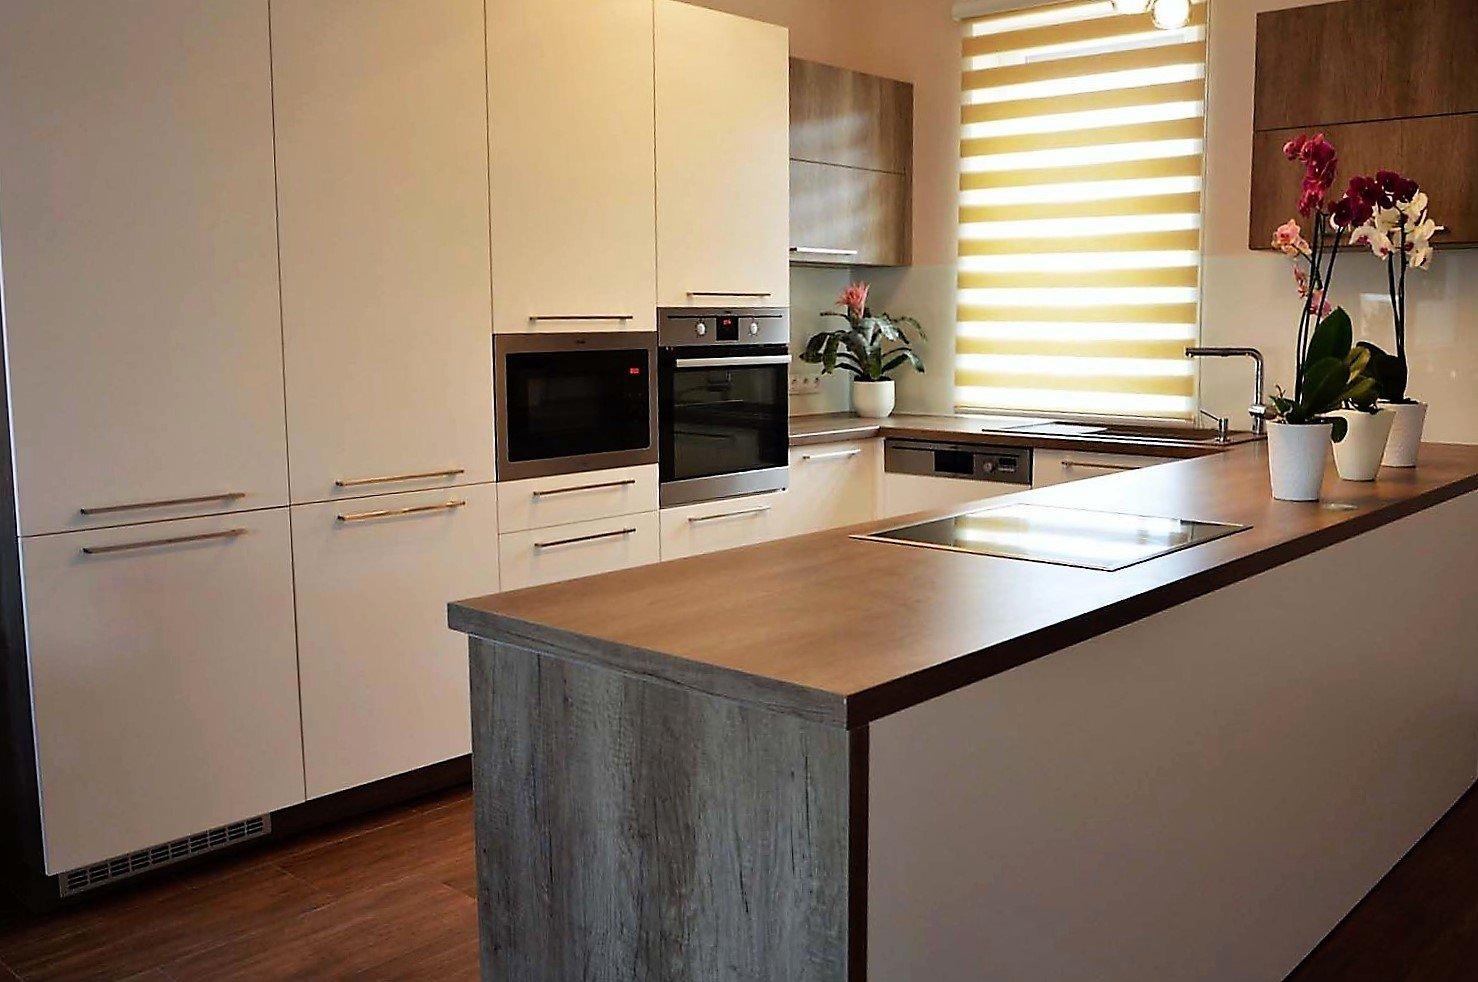 Egyedi konyhabútor készítés szigetrésszel, rejtett LED világítással, üveghátlappal